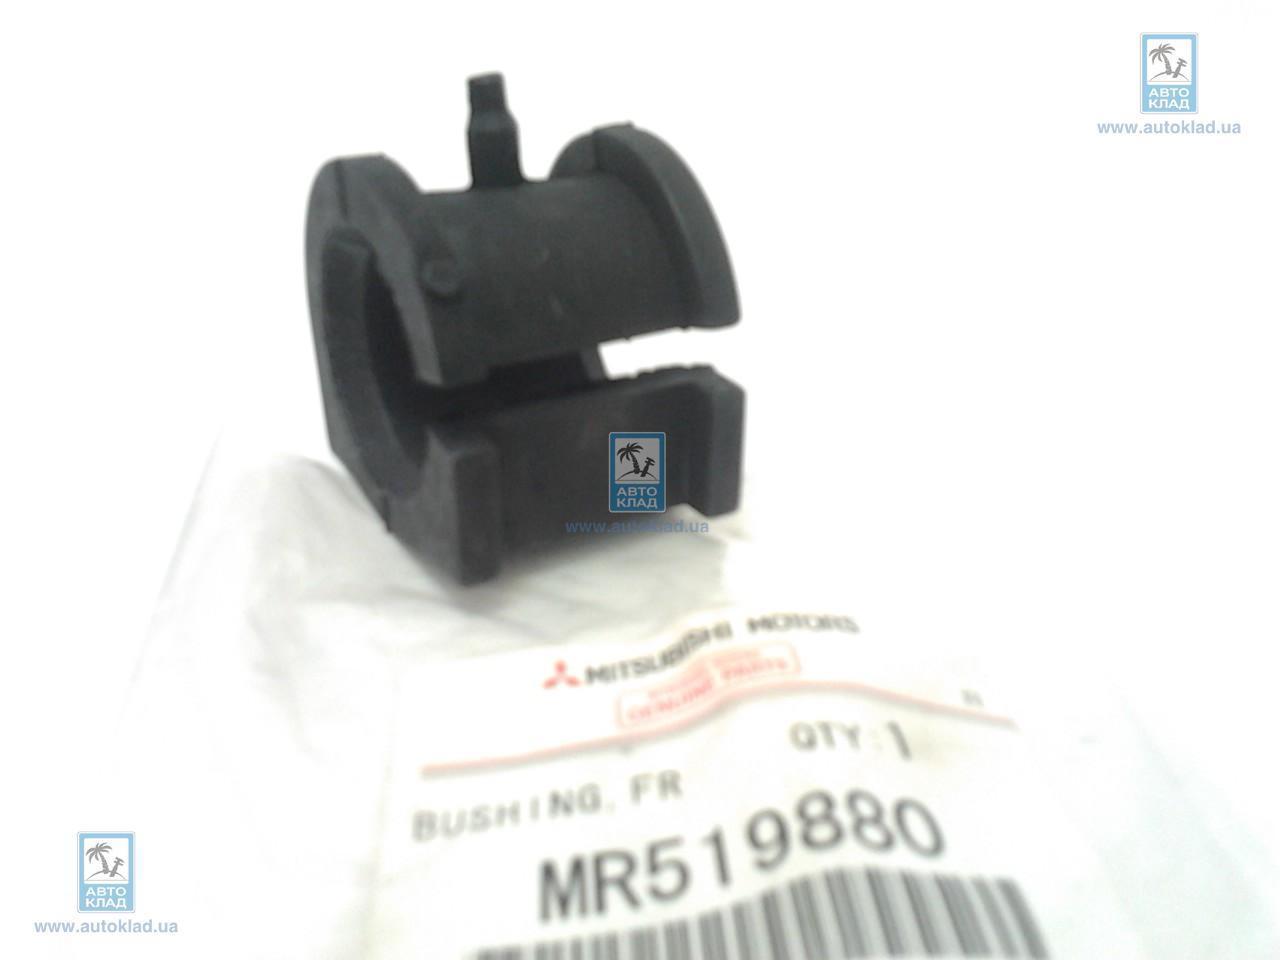 Втулка стабилизатора MITSUBISHI MR519880